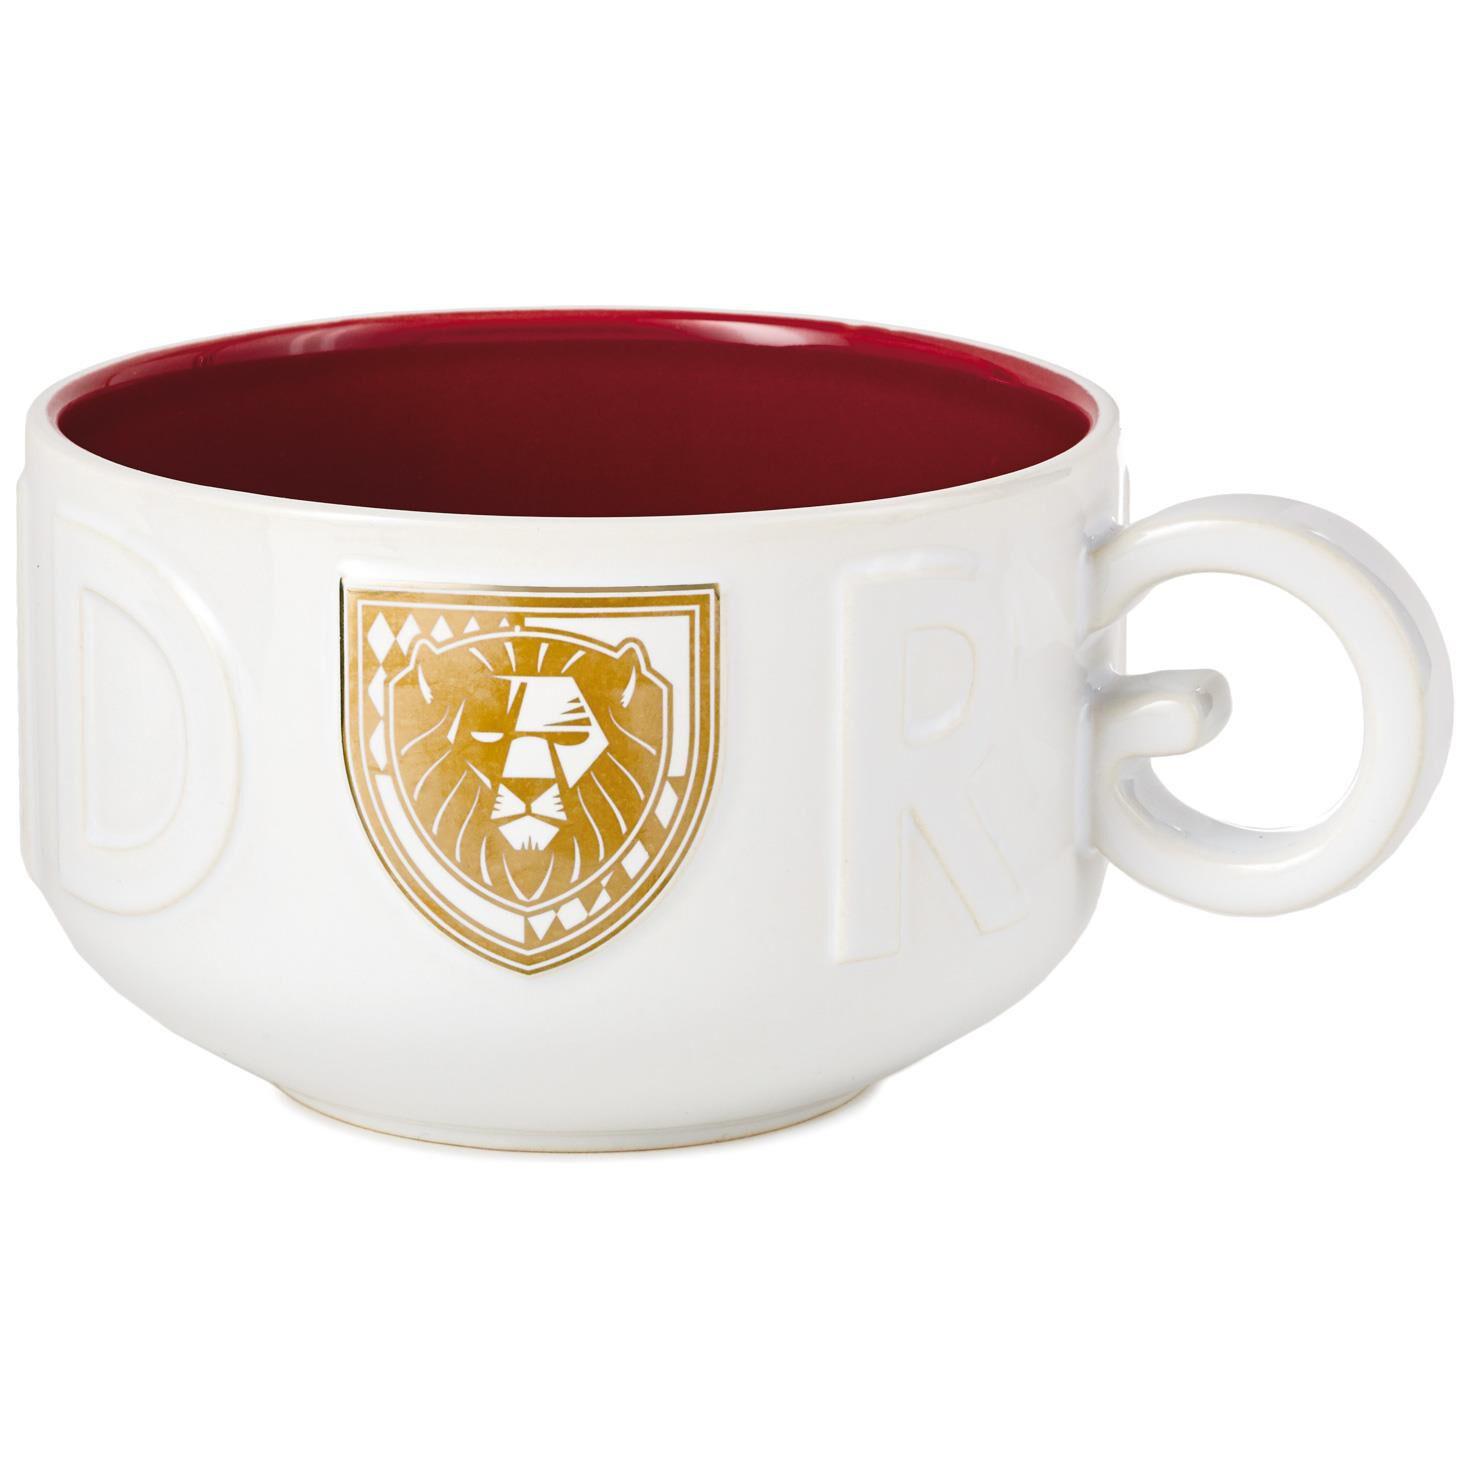 Oz Harry Gryffindor™ Soup Potter™ Mug22 fb7g6Yy